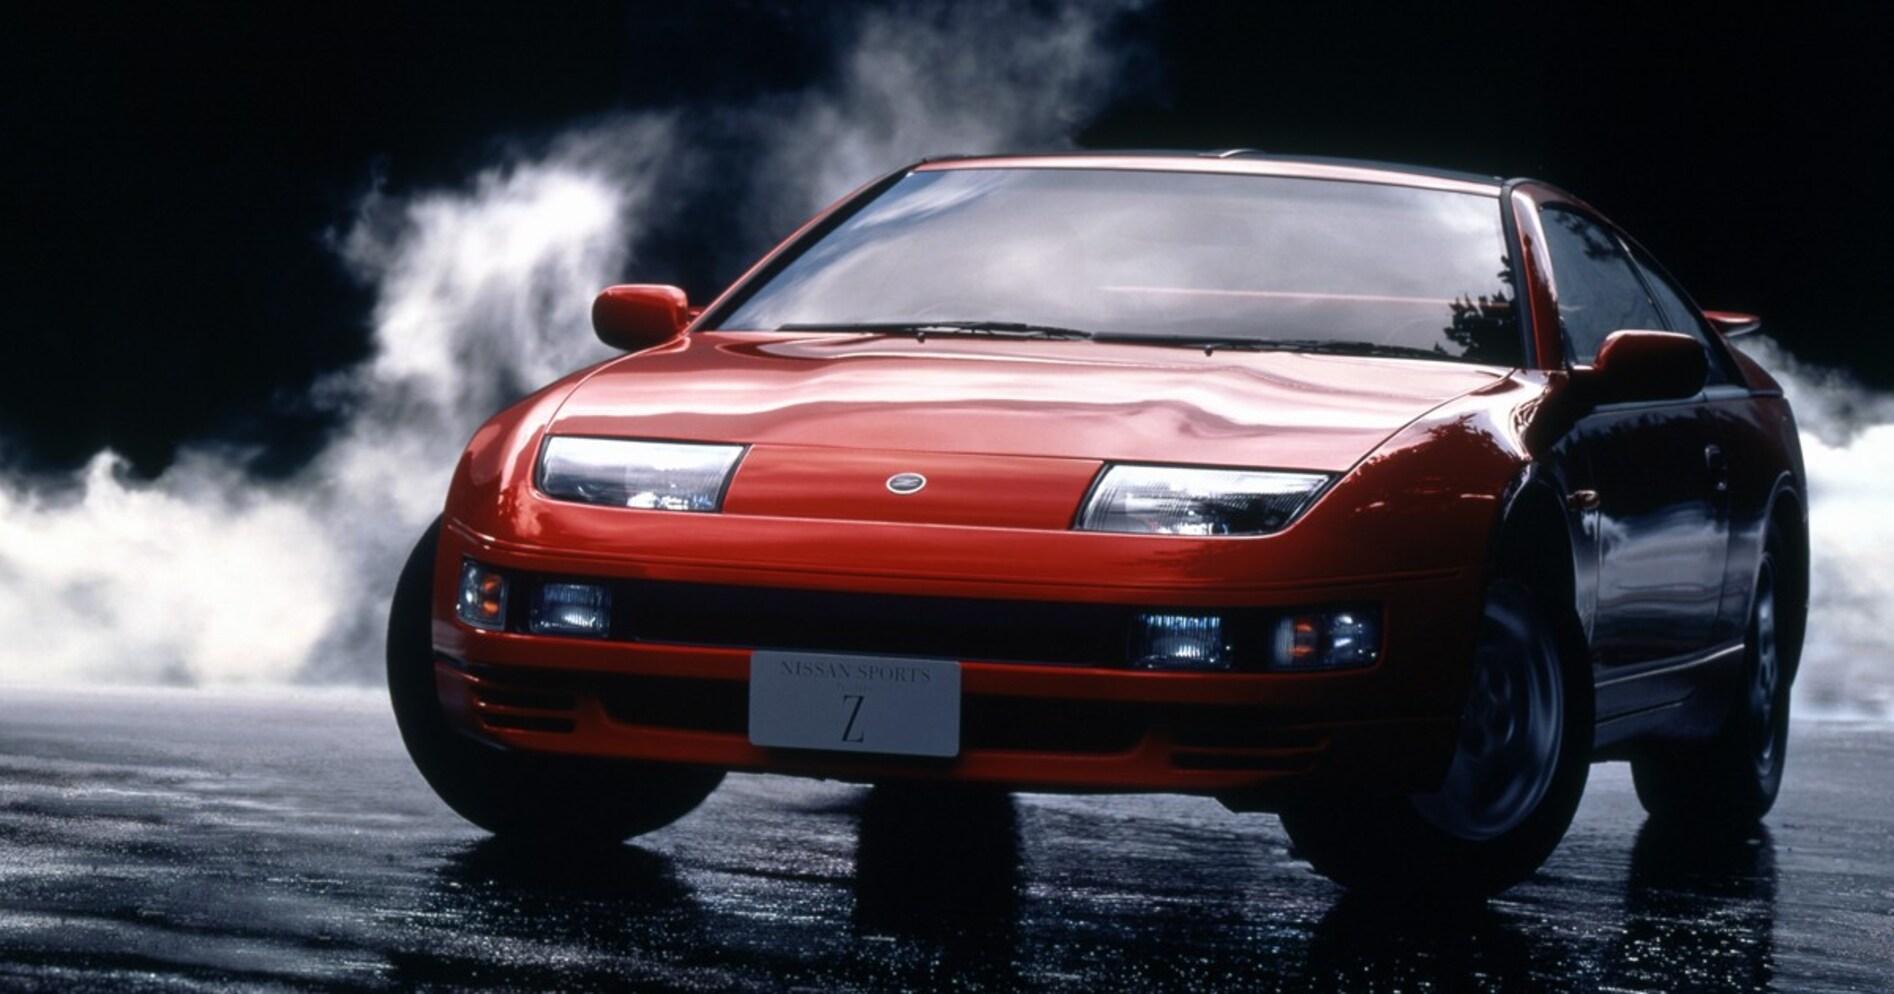 【中年名車図鑑】バブル期に生まれ、バブル崩壊で延命…時代に翻弄された「Zカー」